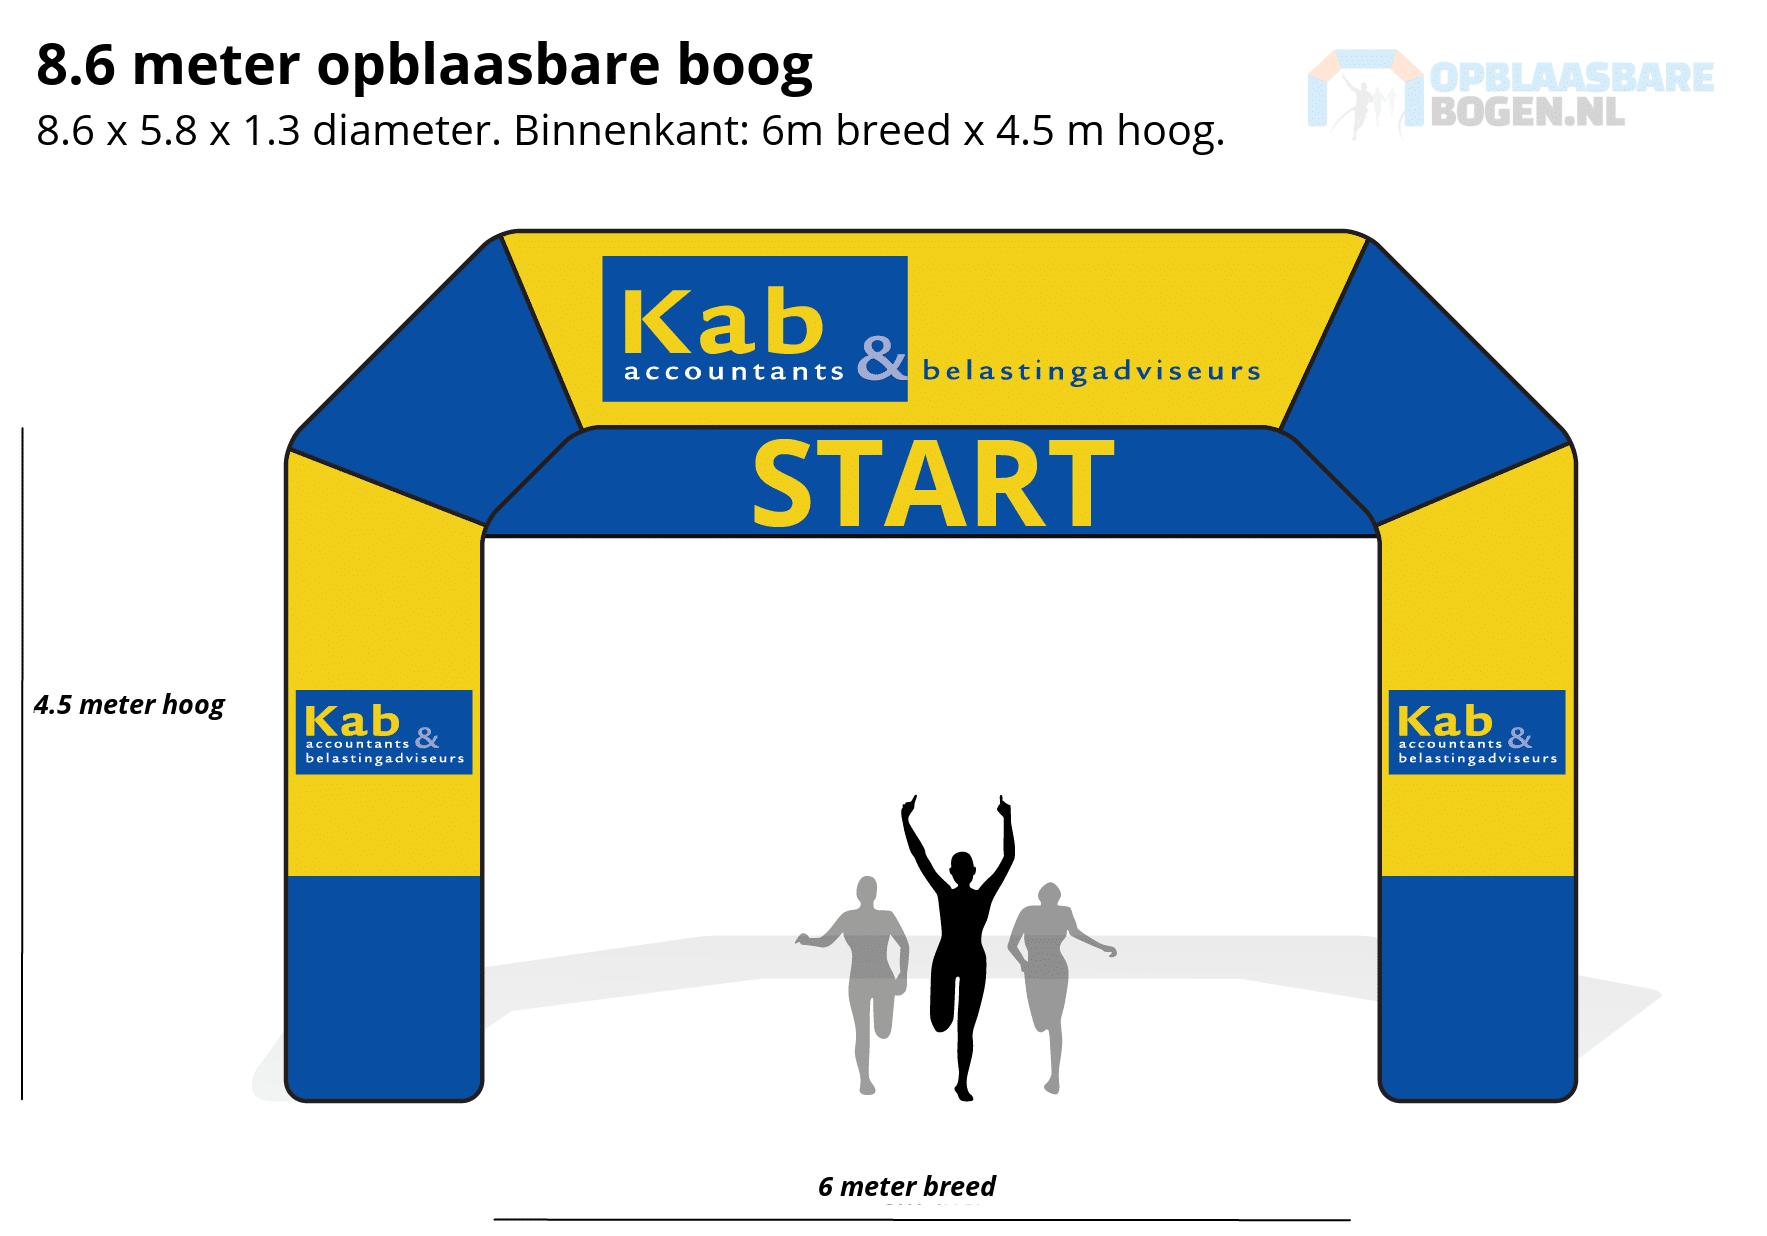 Ontwerp 8.6 meter Opblaasbare boog voor Kab Accountants -Opblaasbarebogen.nl-